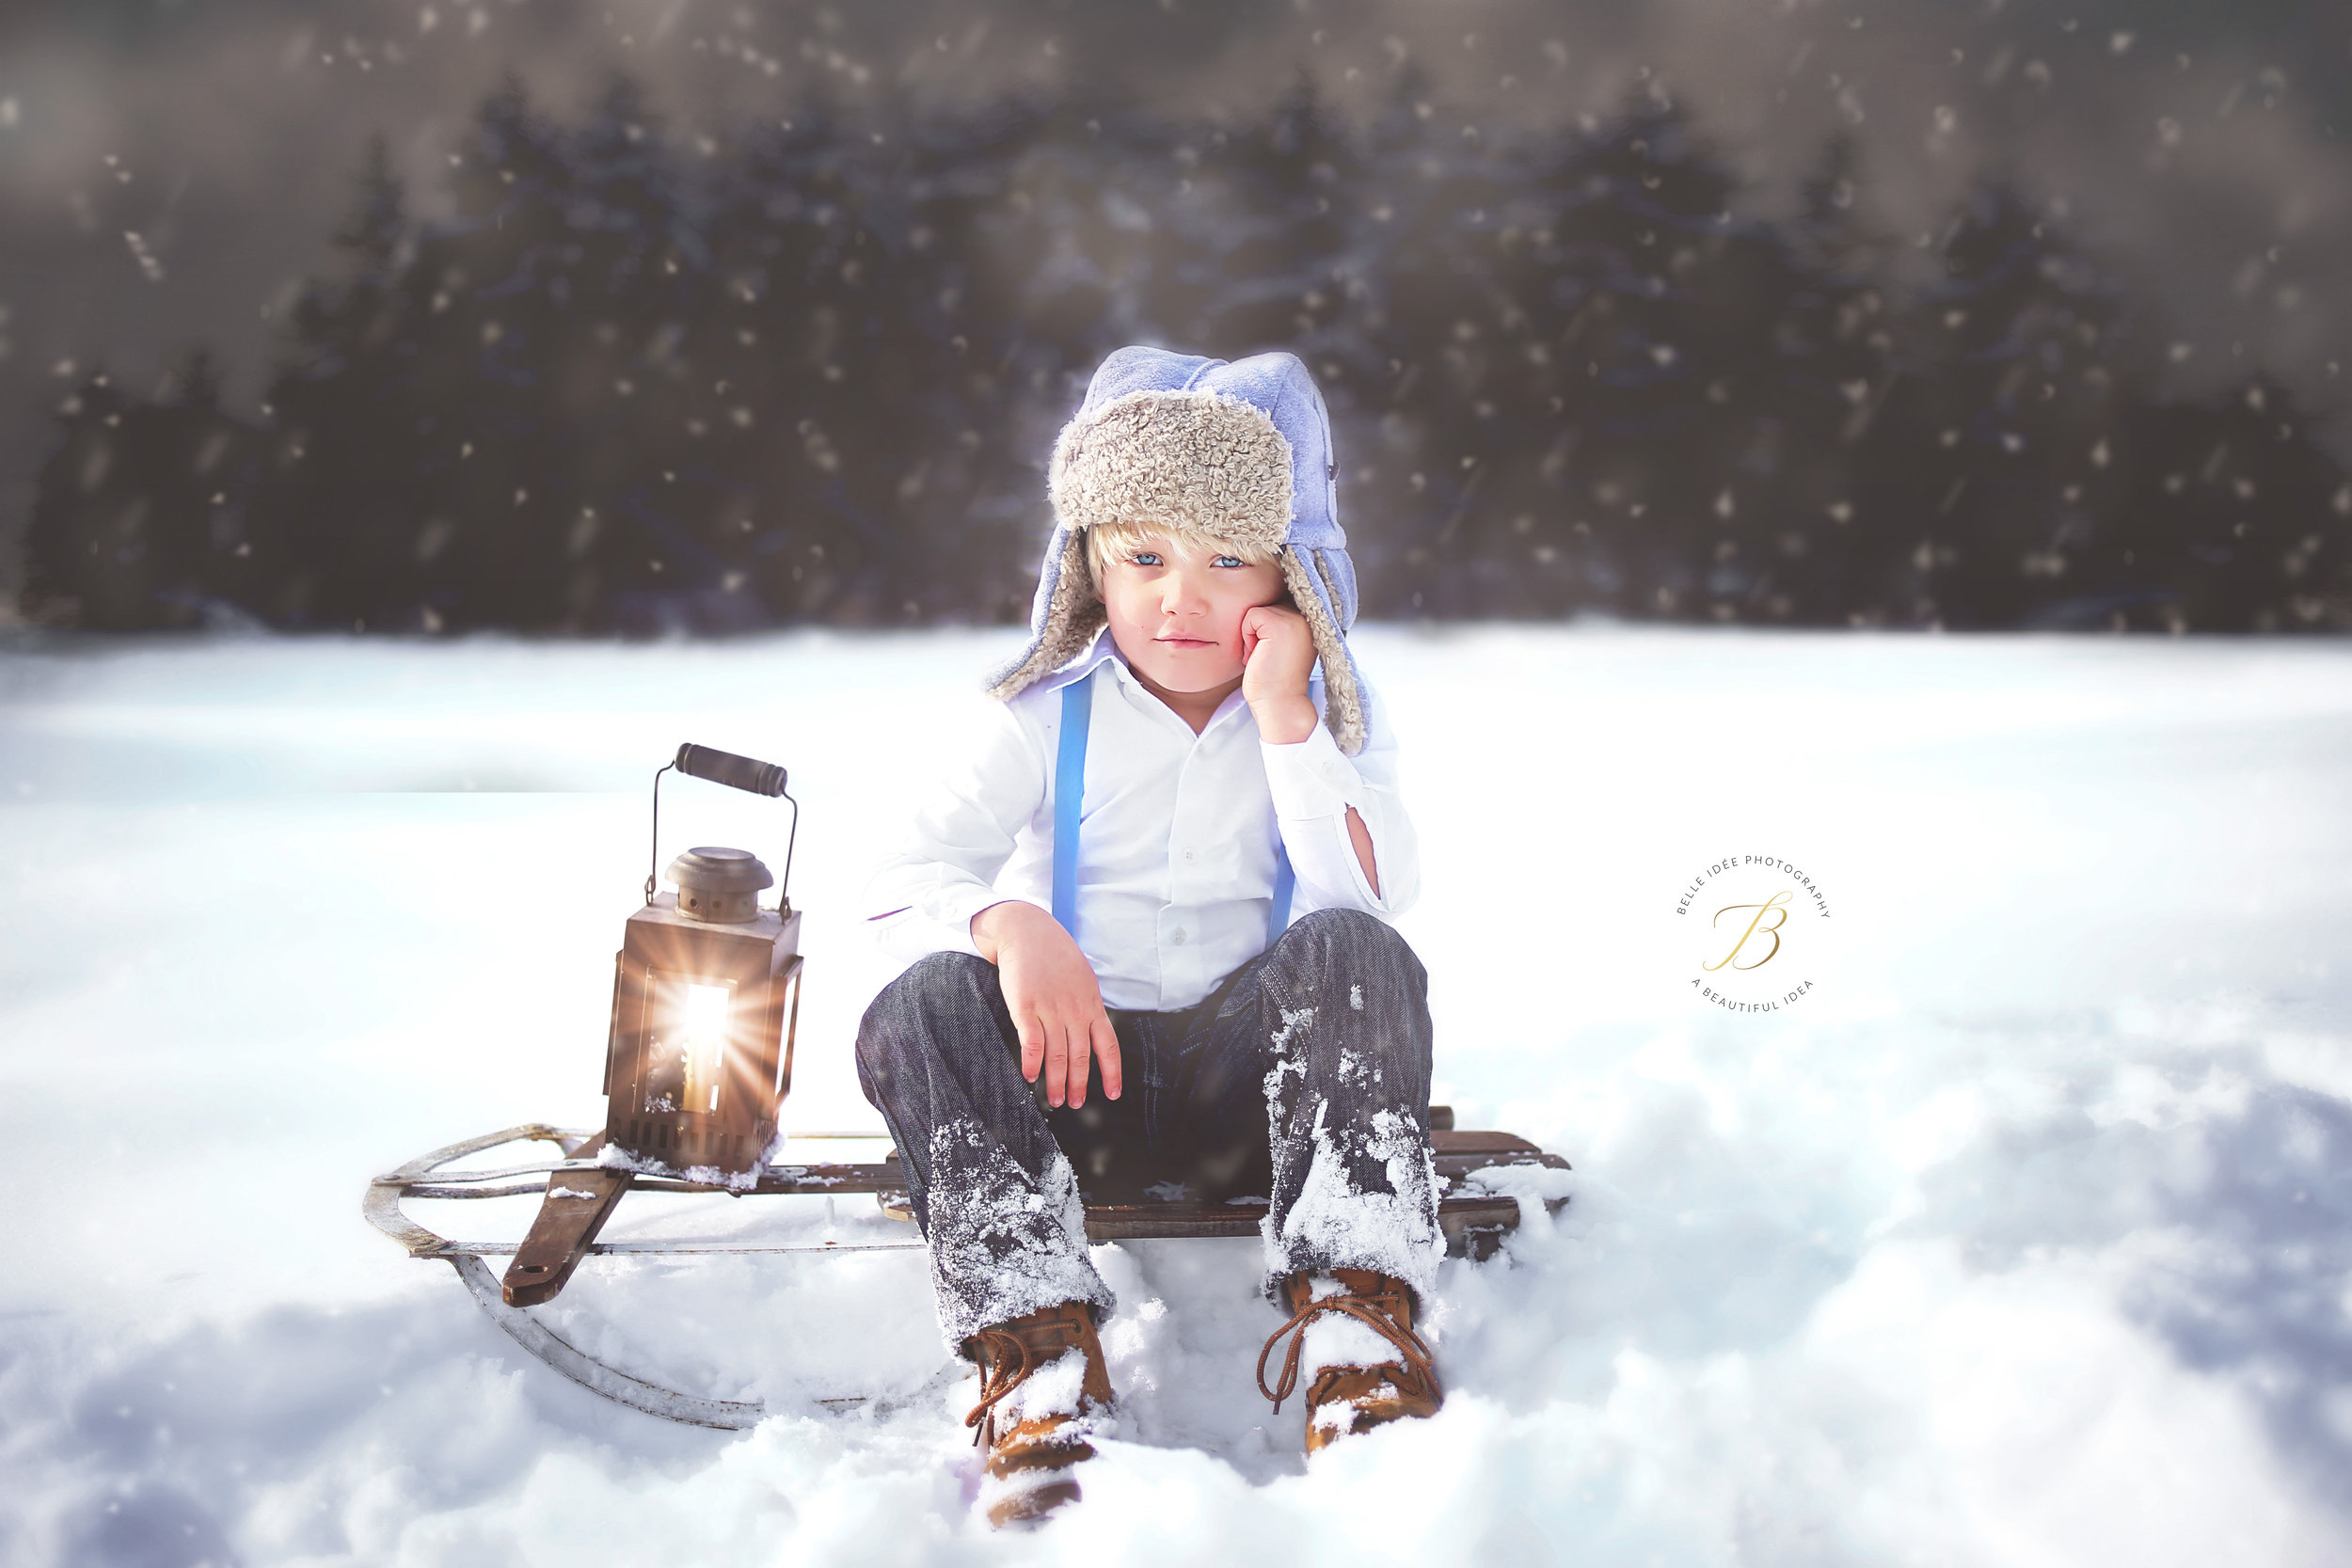 Winter in Buffalo, NY Photographer